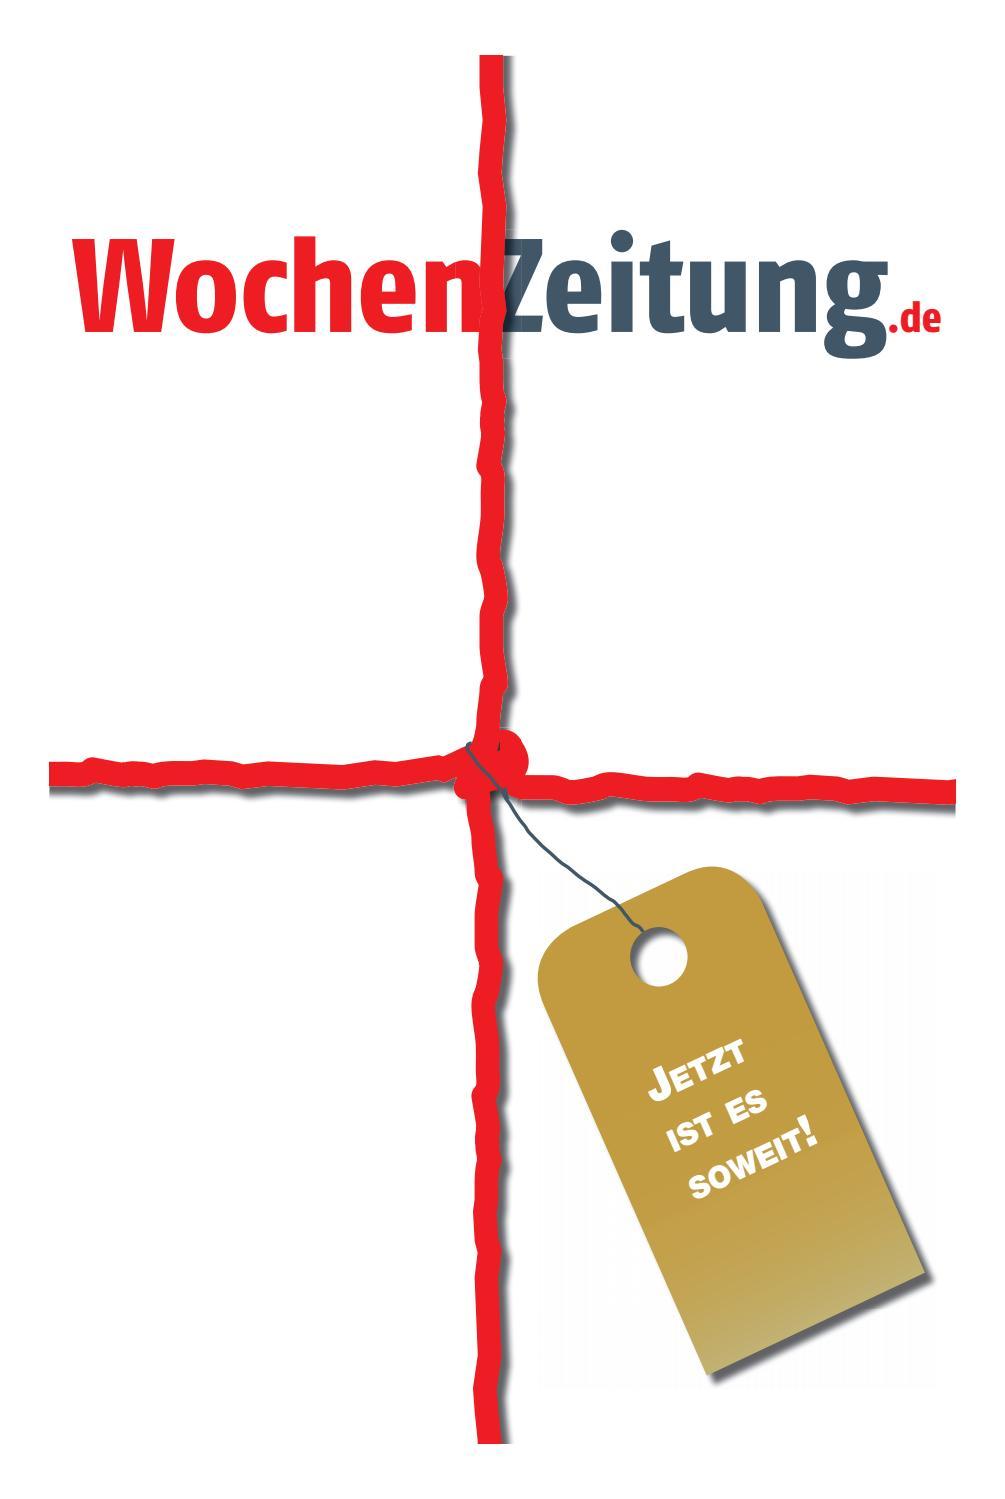 WochenZeitung Donauwörth KW 24.18 by WochenZeitung / SonntagsZeitung ...